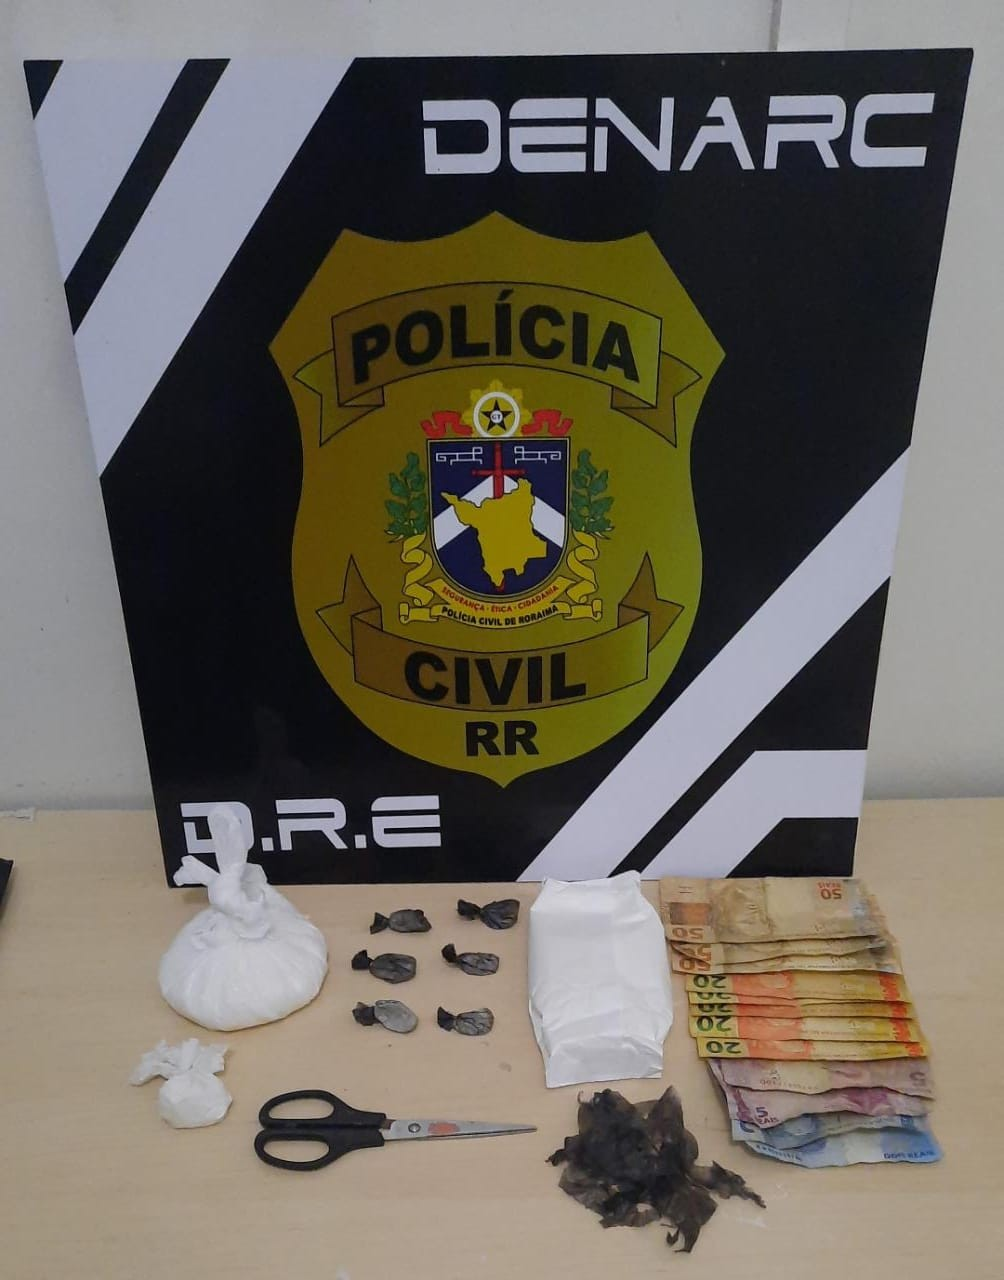 Sobrevivente de chacina que deixou 7 mortos é preso por tráfico de drogas em Roraima